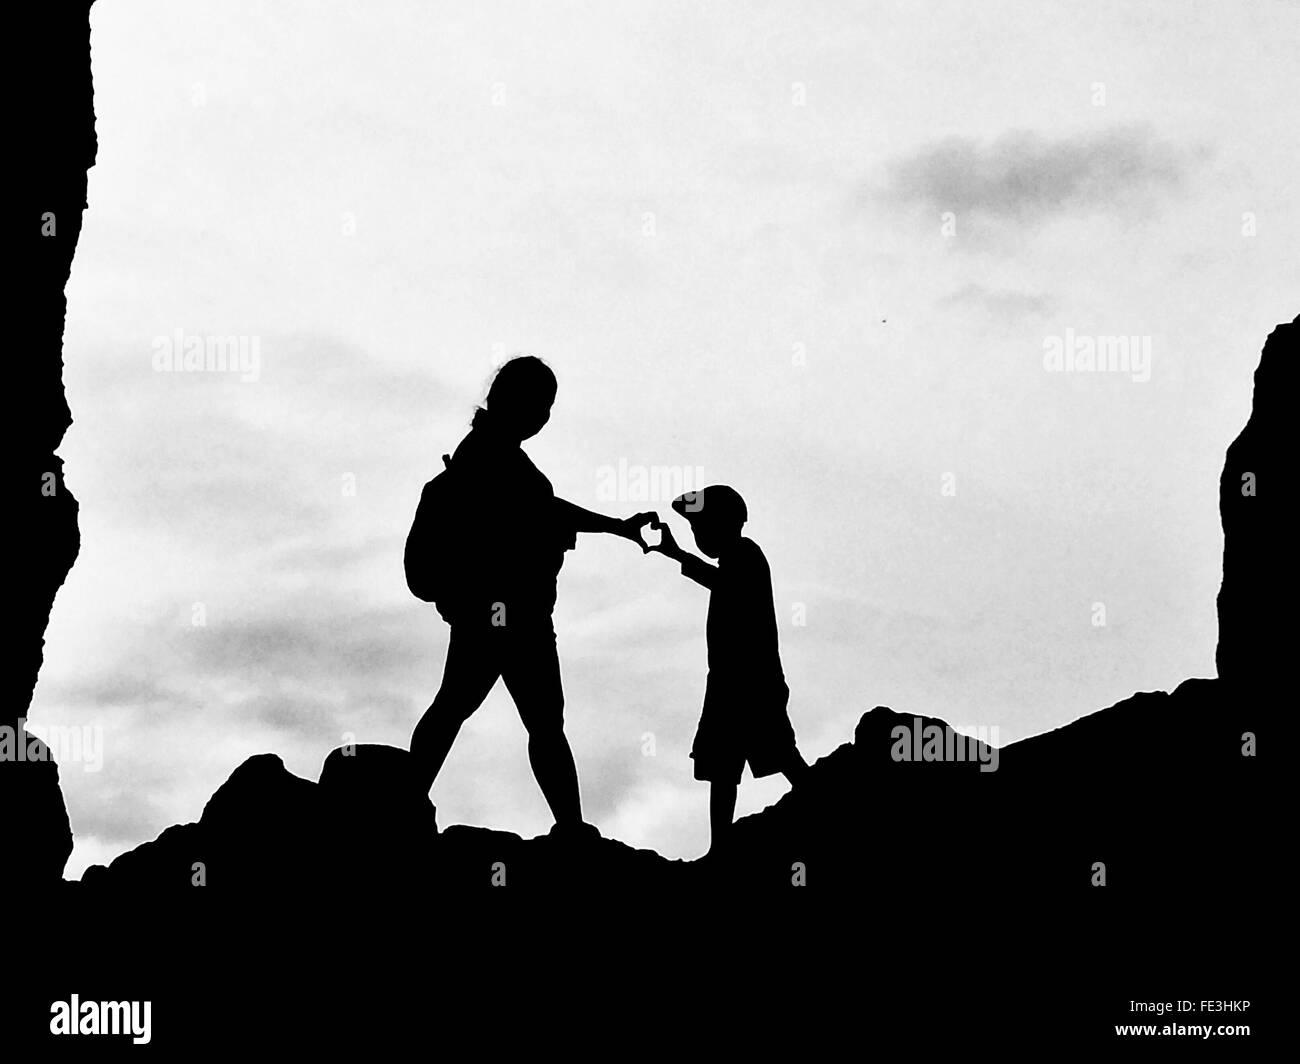 Ángulo de visión baja silueta de madre e hijo haciendo forma de corazón con la mano Imagen De Stock